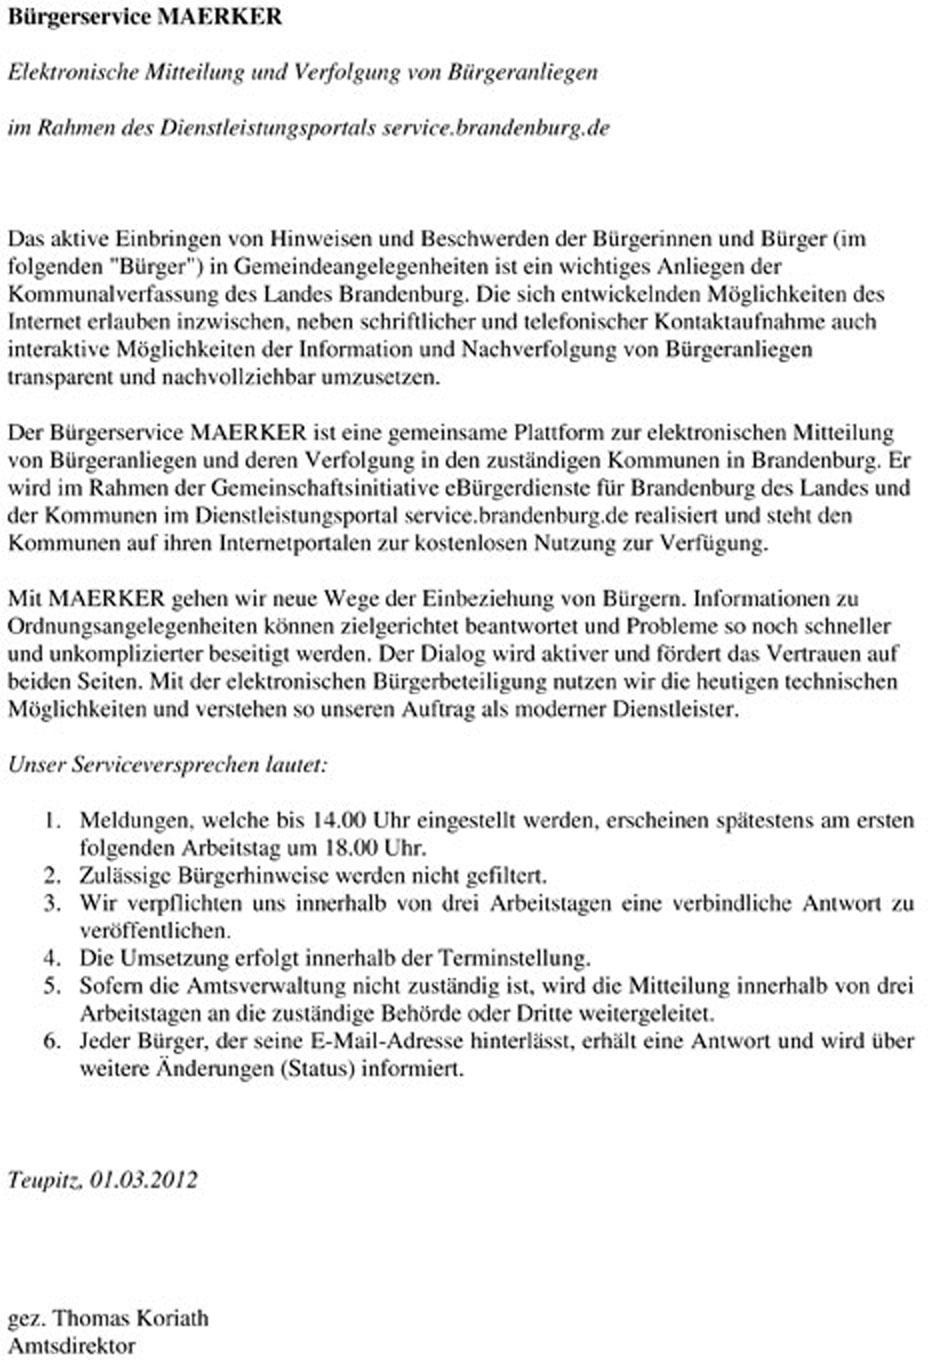 serviceversprechenmaerker_schenkenlaendchen